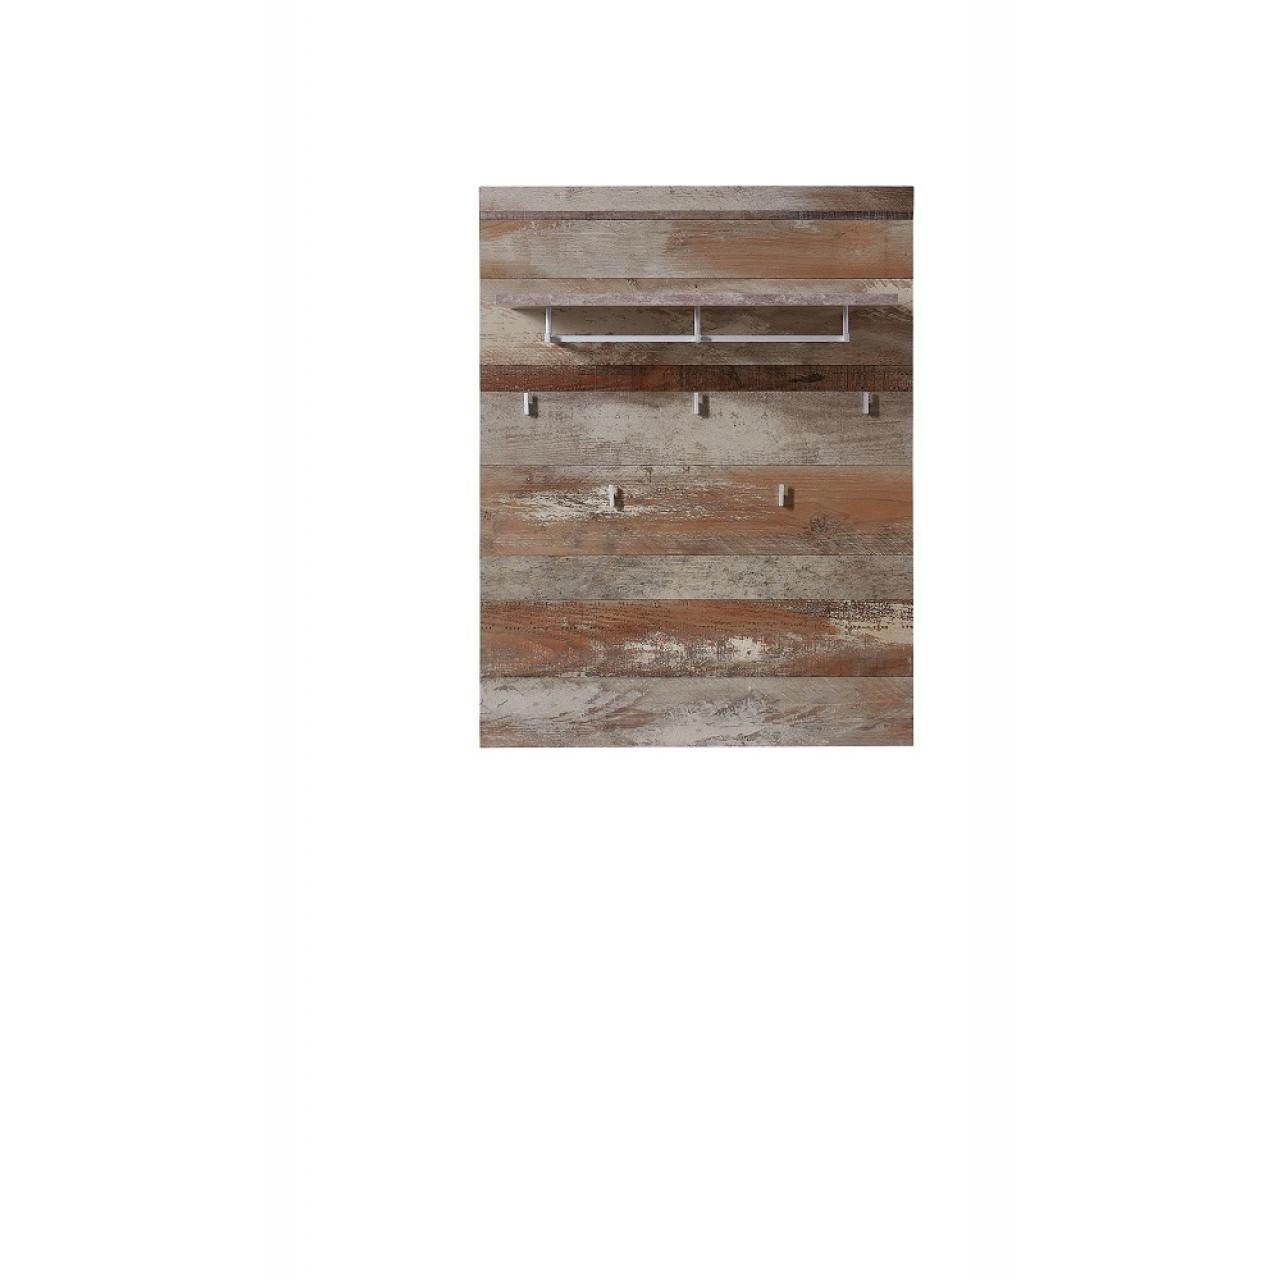 Garderobenpaneel Crown-X Driftwood Nb. Flur Diele Garderobe Paneel